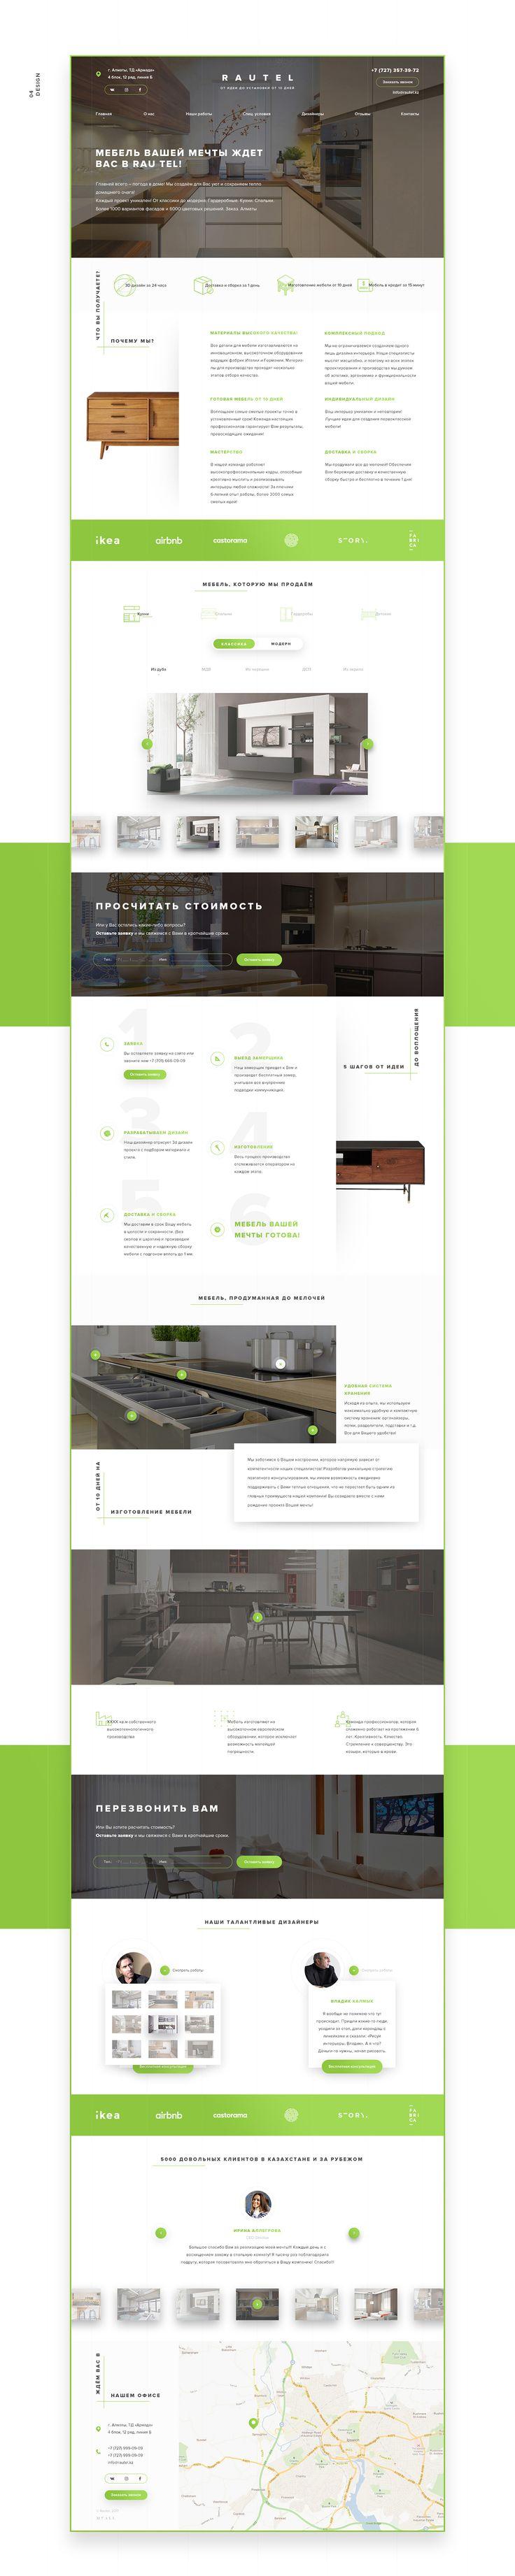 R A U T E L custom-made furniture website on Behance